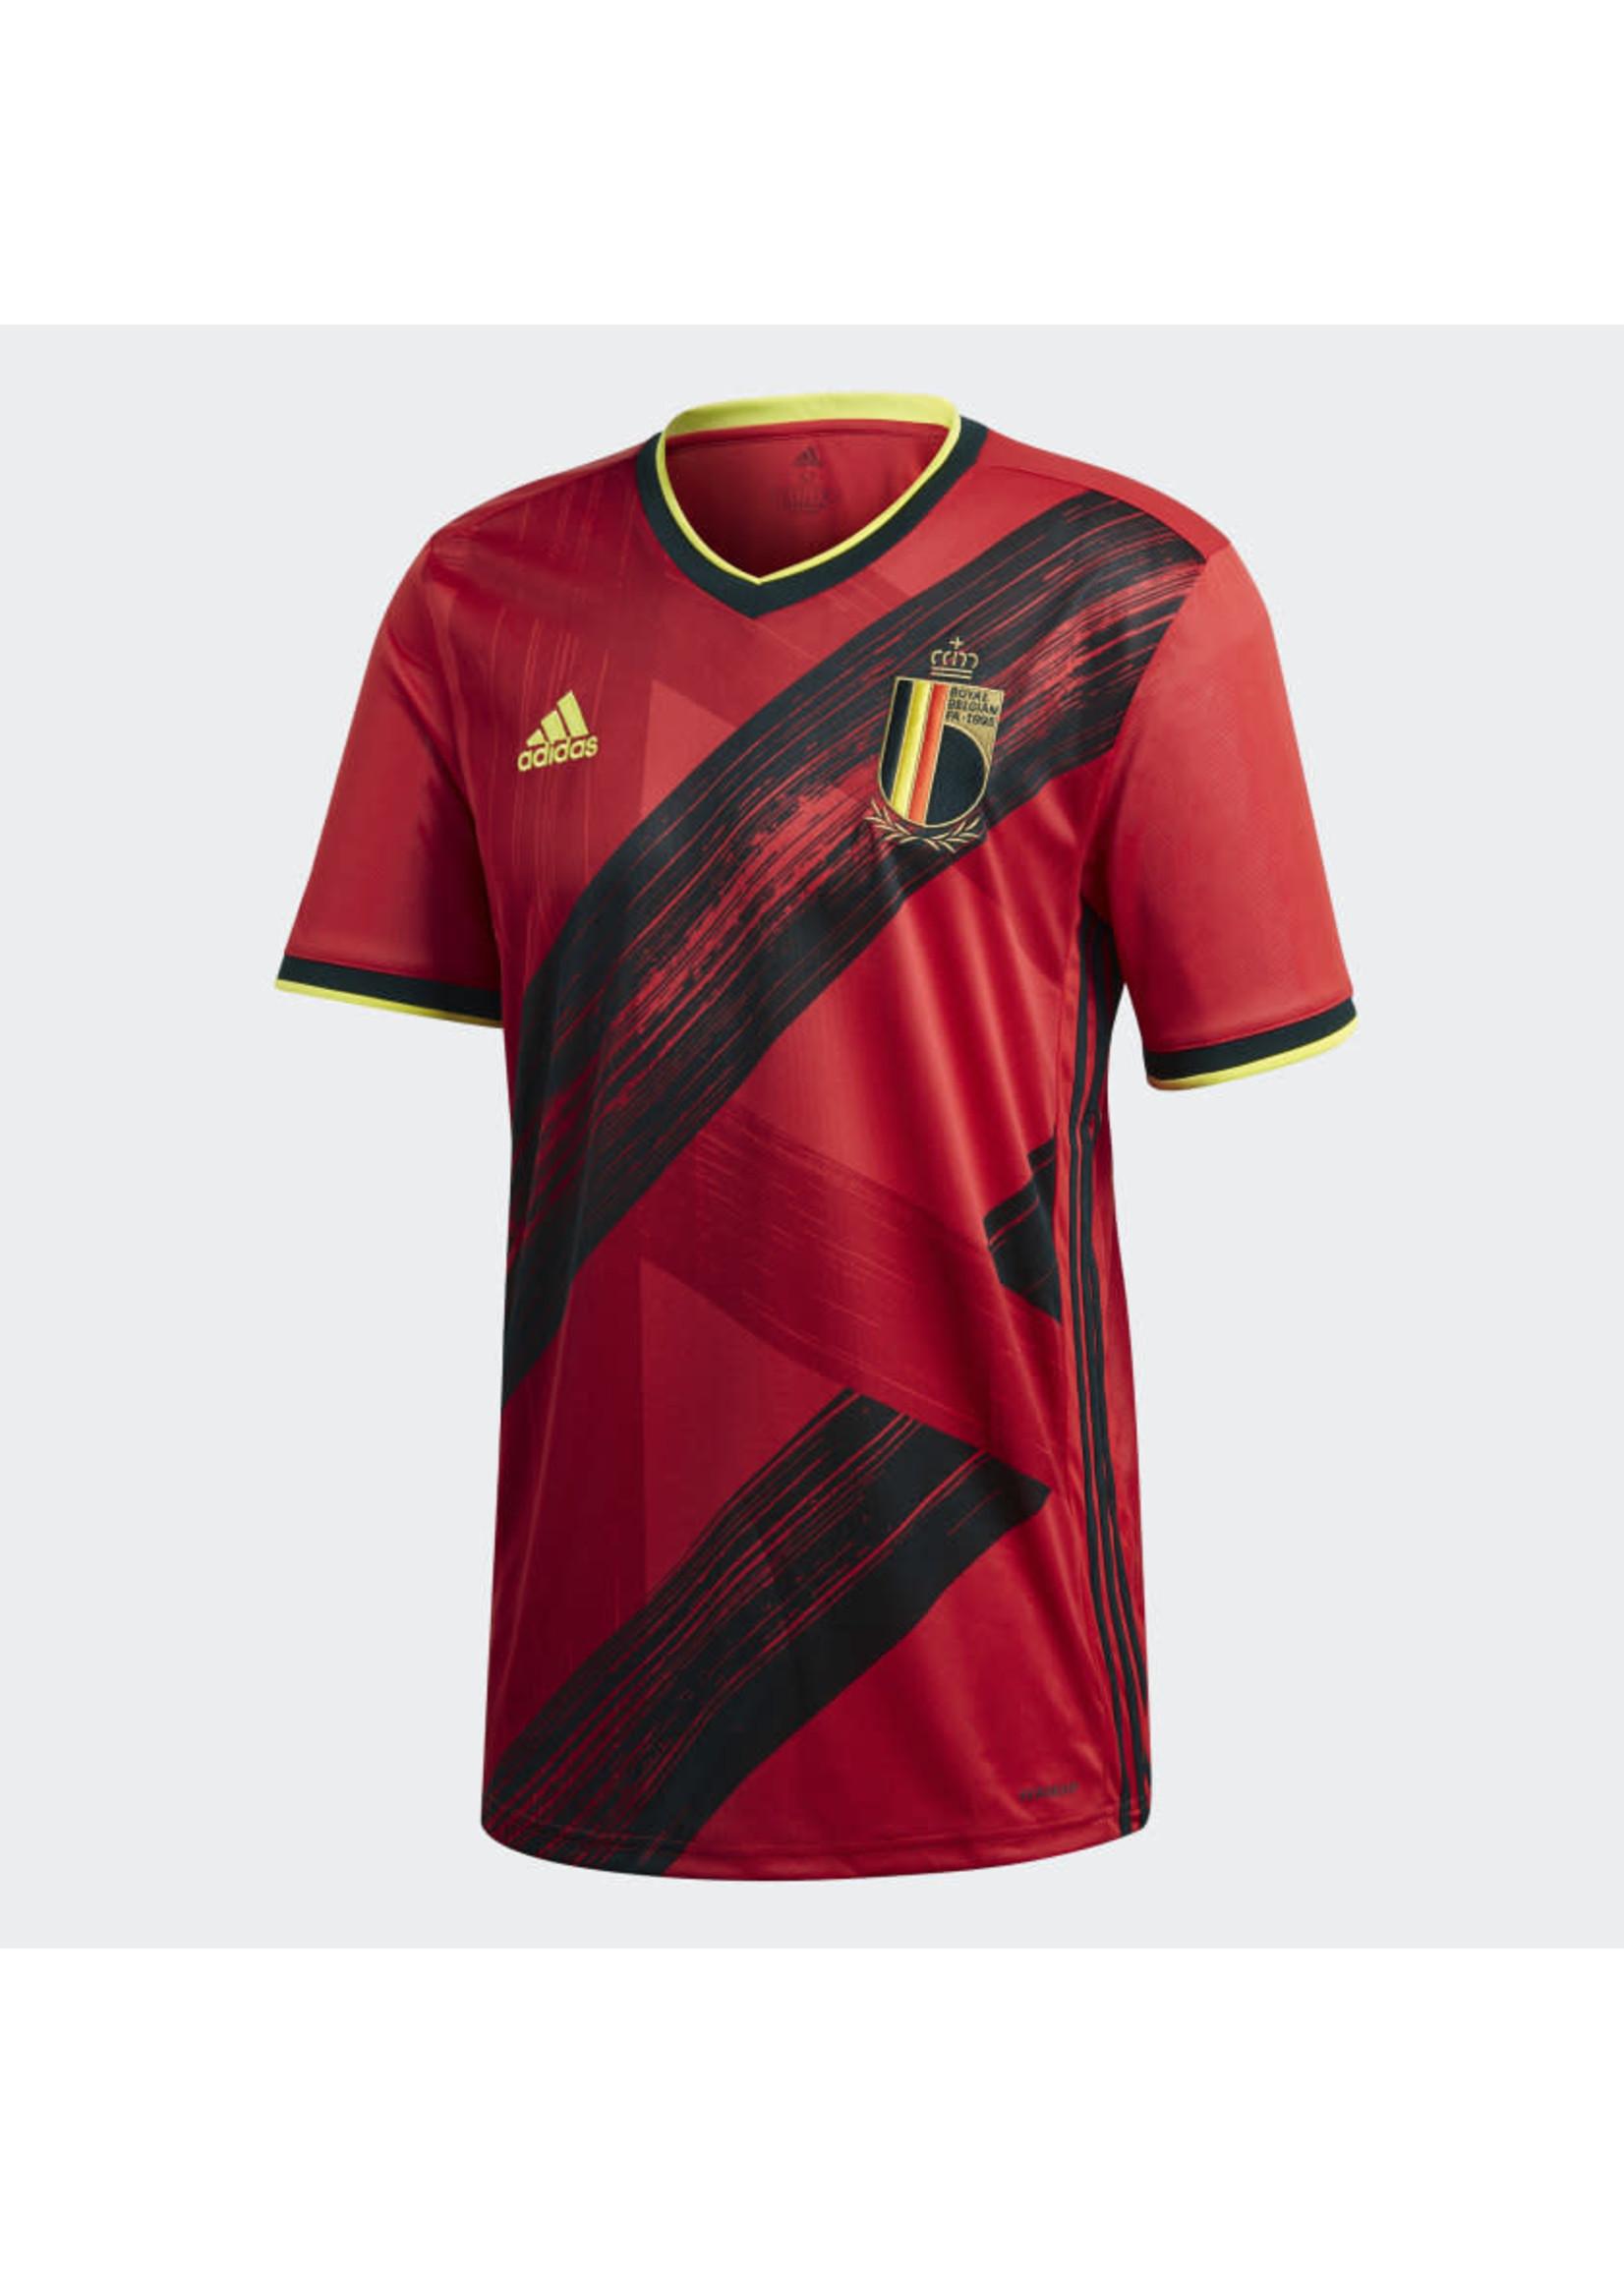 Adidas Belgium 20/21 Home Jersey Adult